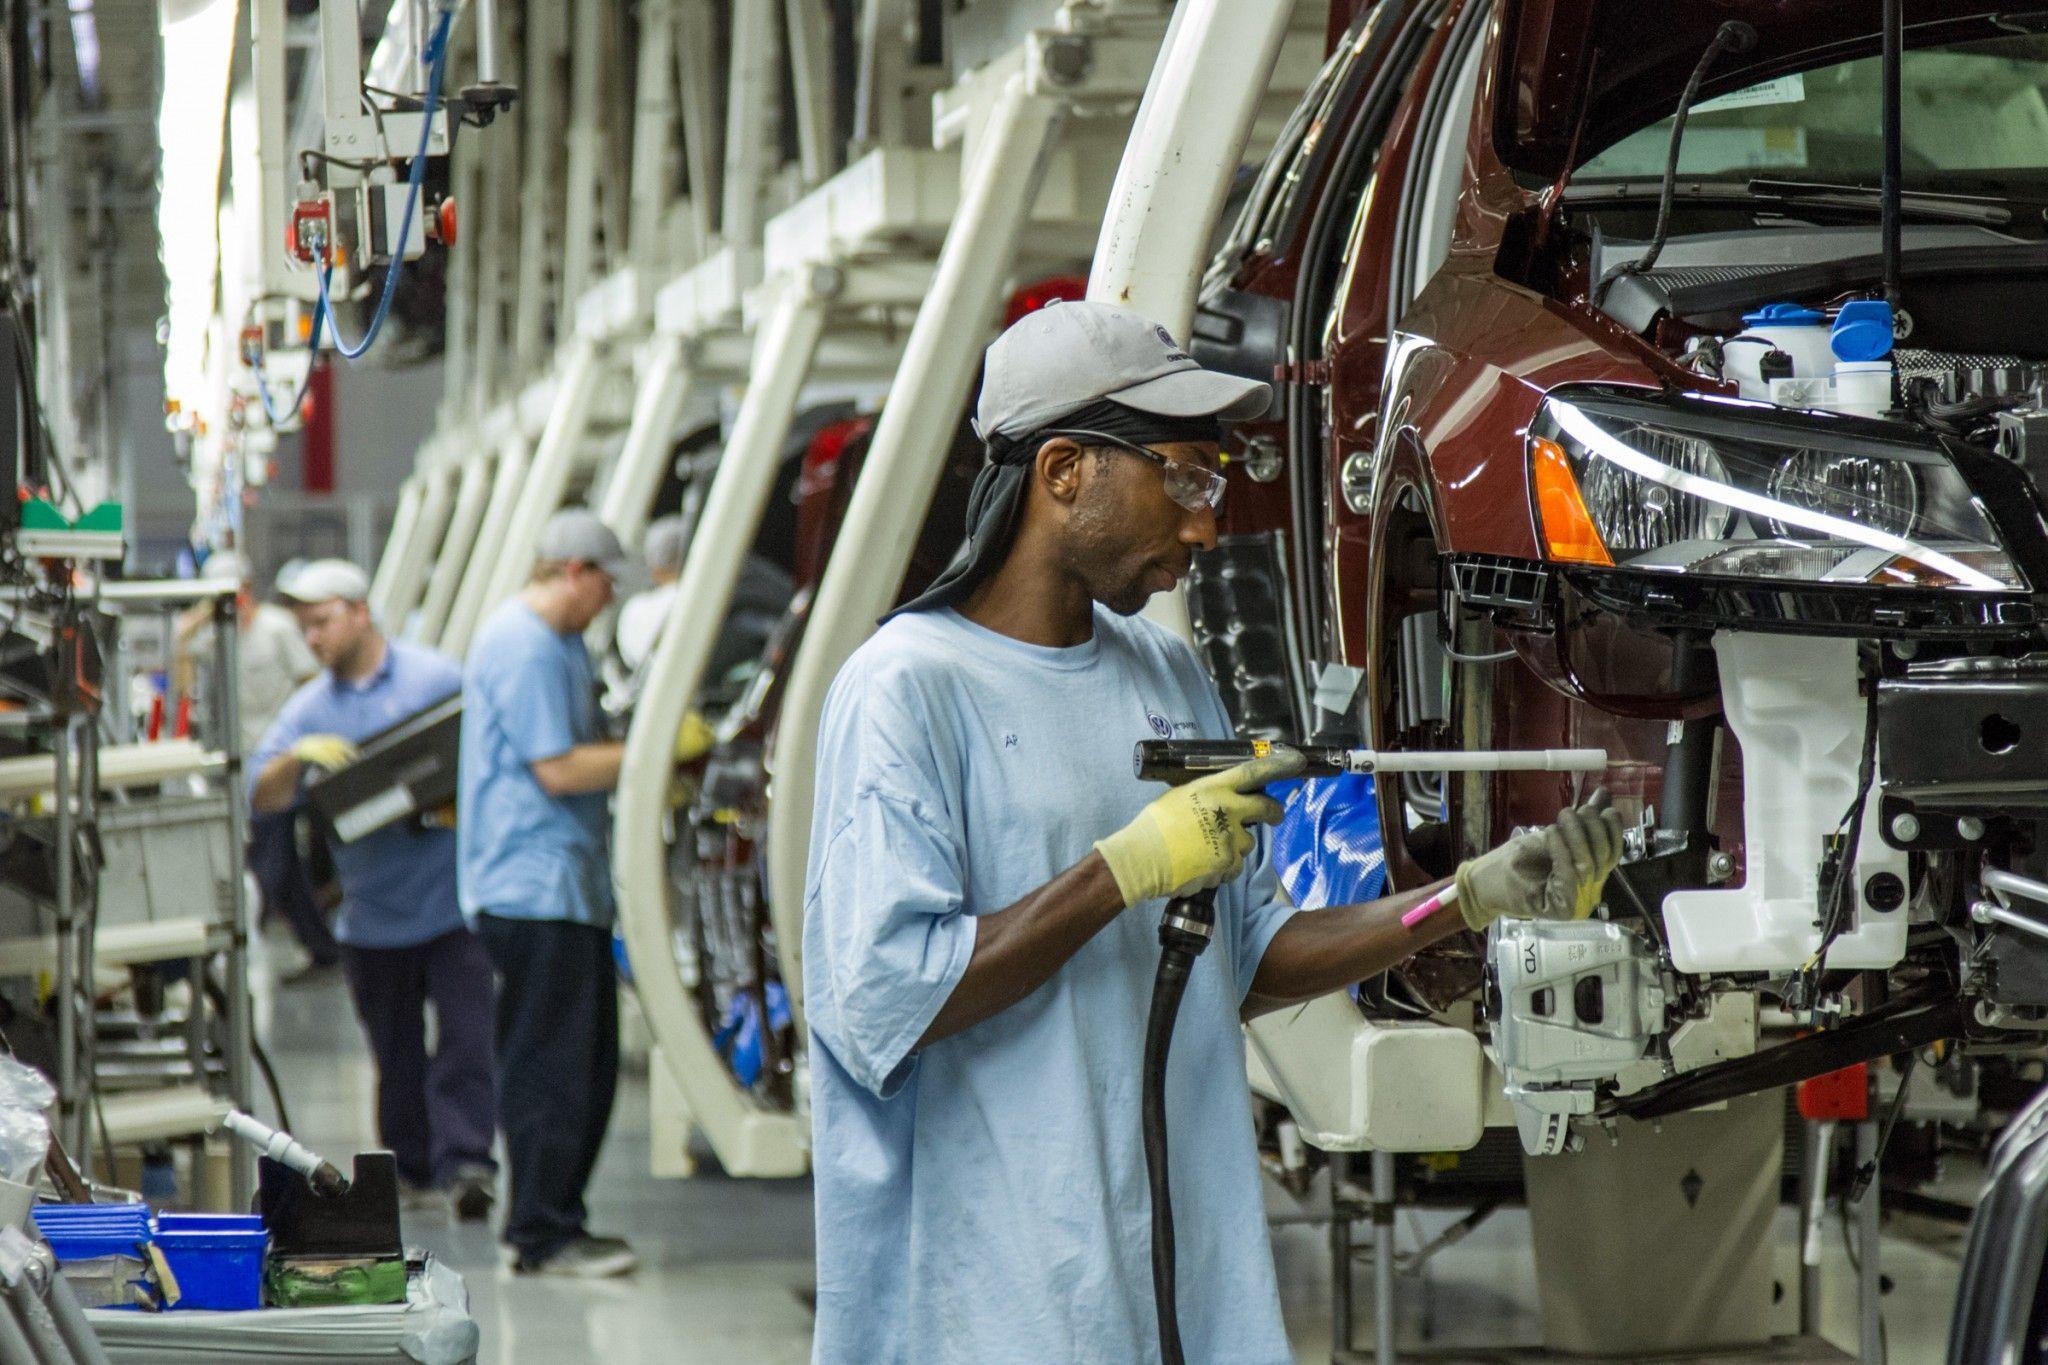 La economía de Estados Unidos creó 161.000 nuevos empleos el pasado mes de octubre, lo que permitió que la tasa de desempleo bajara una décima, hasta el 4,9%, segúninformó hoy el Departamento de Trabajo. Los datos muestran una consistente mejora del mercado laboral estadounidense y de la economía, lo